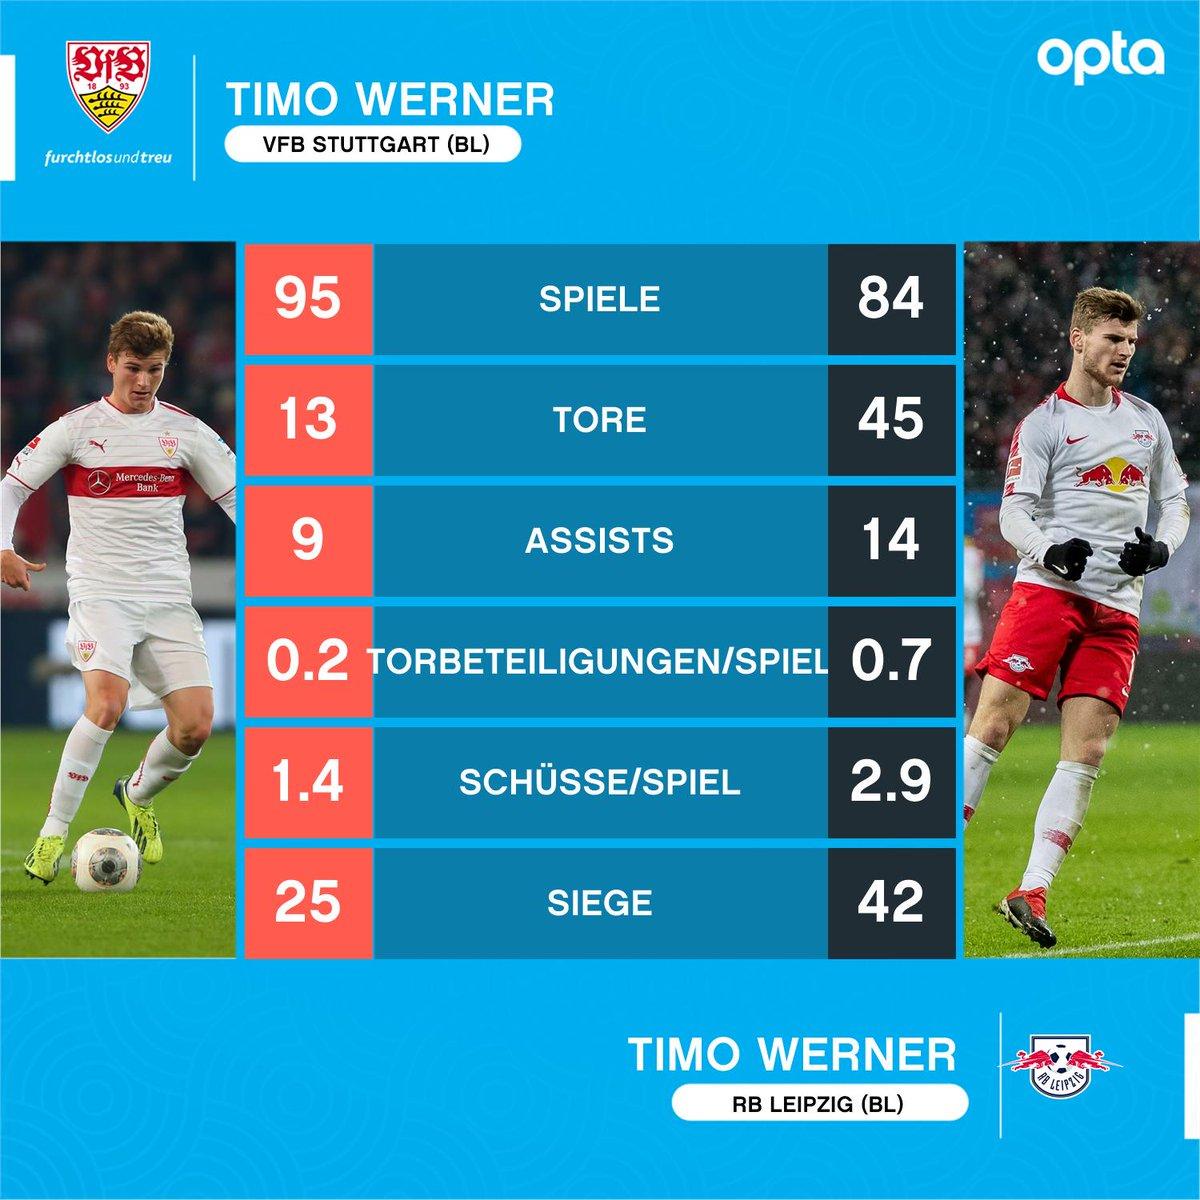 45 - @timowerner erzielte mehr als 3-mal so viele #Bundesliga_Tore für RB Leipzig (45) wie für den VfB Stuttgart (13). Entwicklung. #VfBRBL